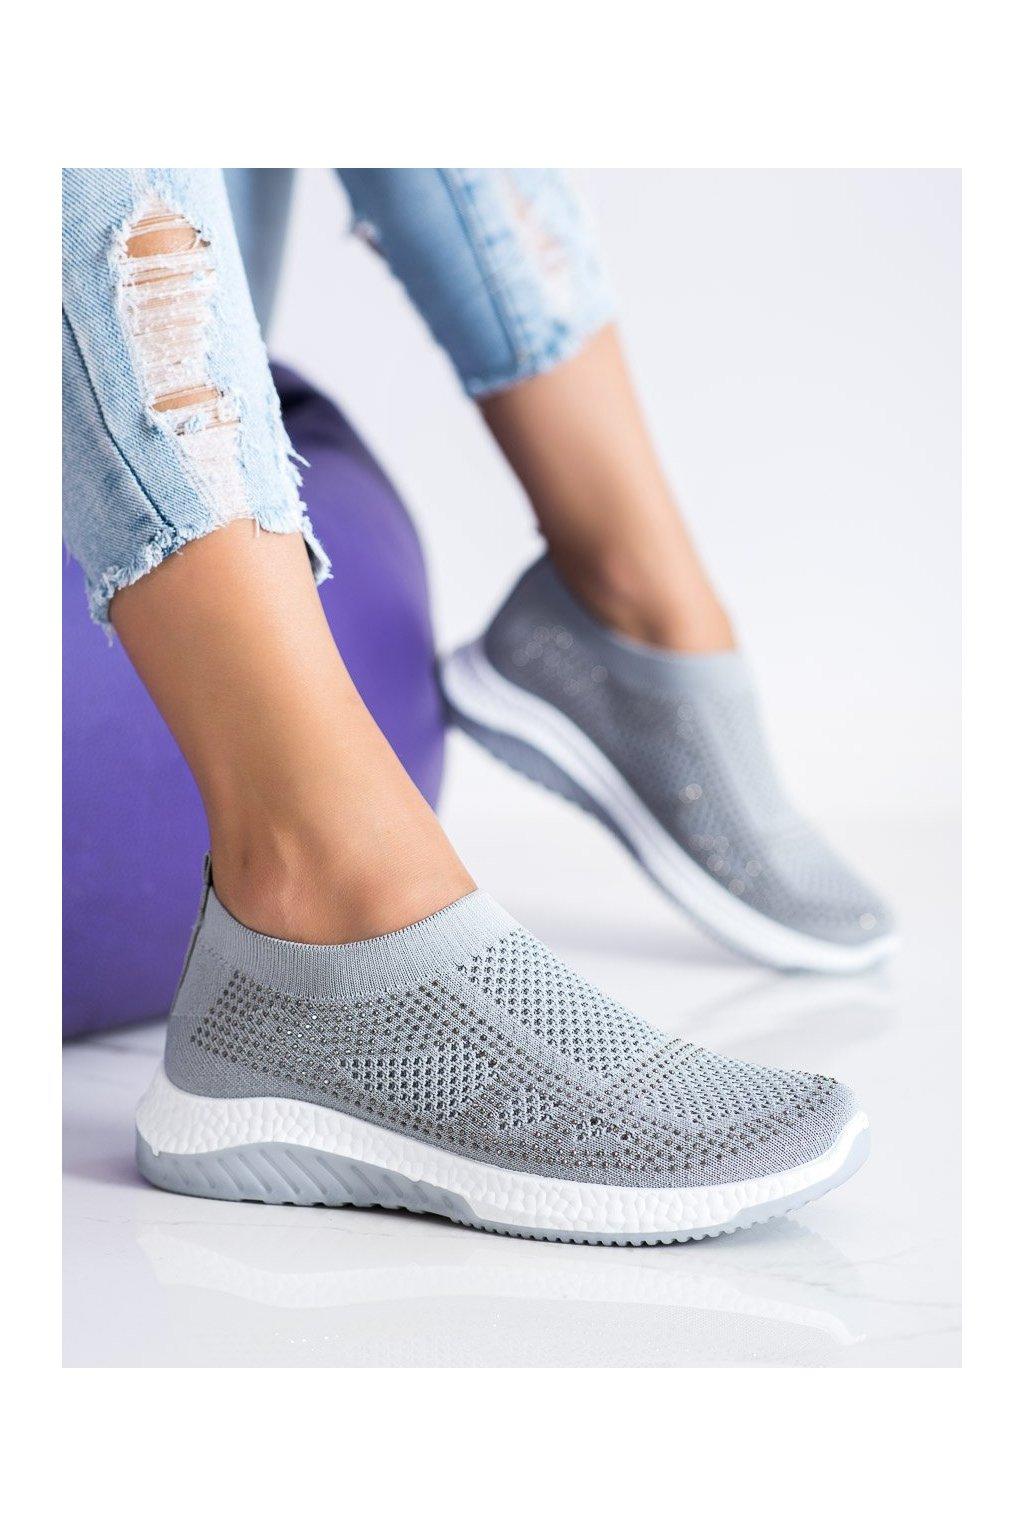 Sivé dámske tenisky Shelovet kod 2019-2G